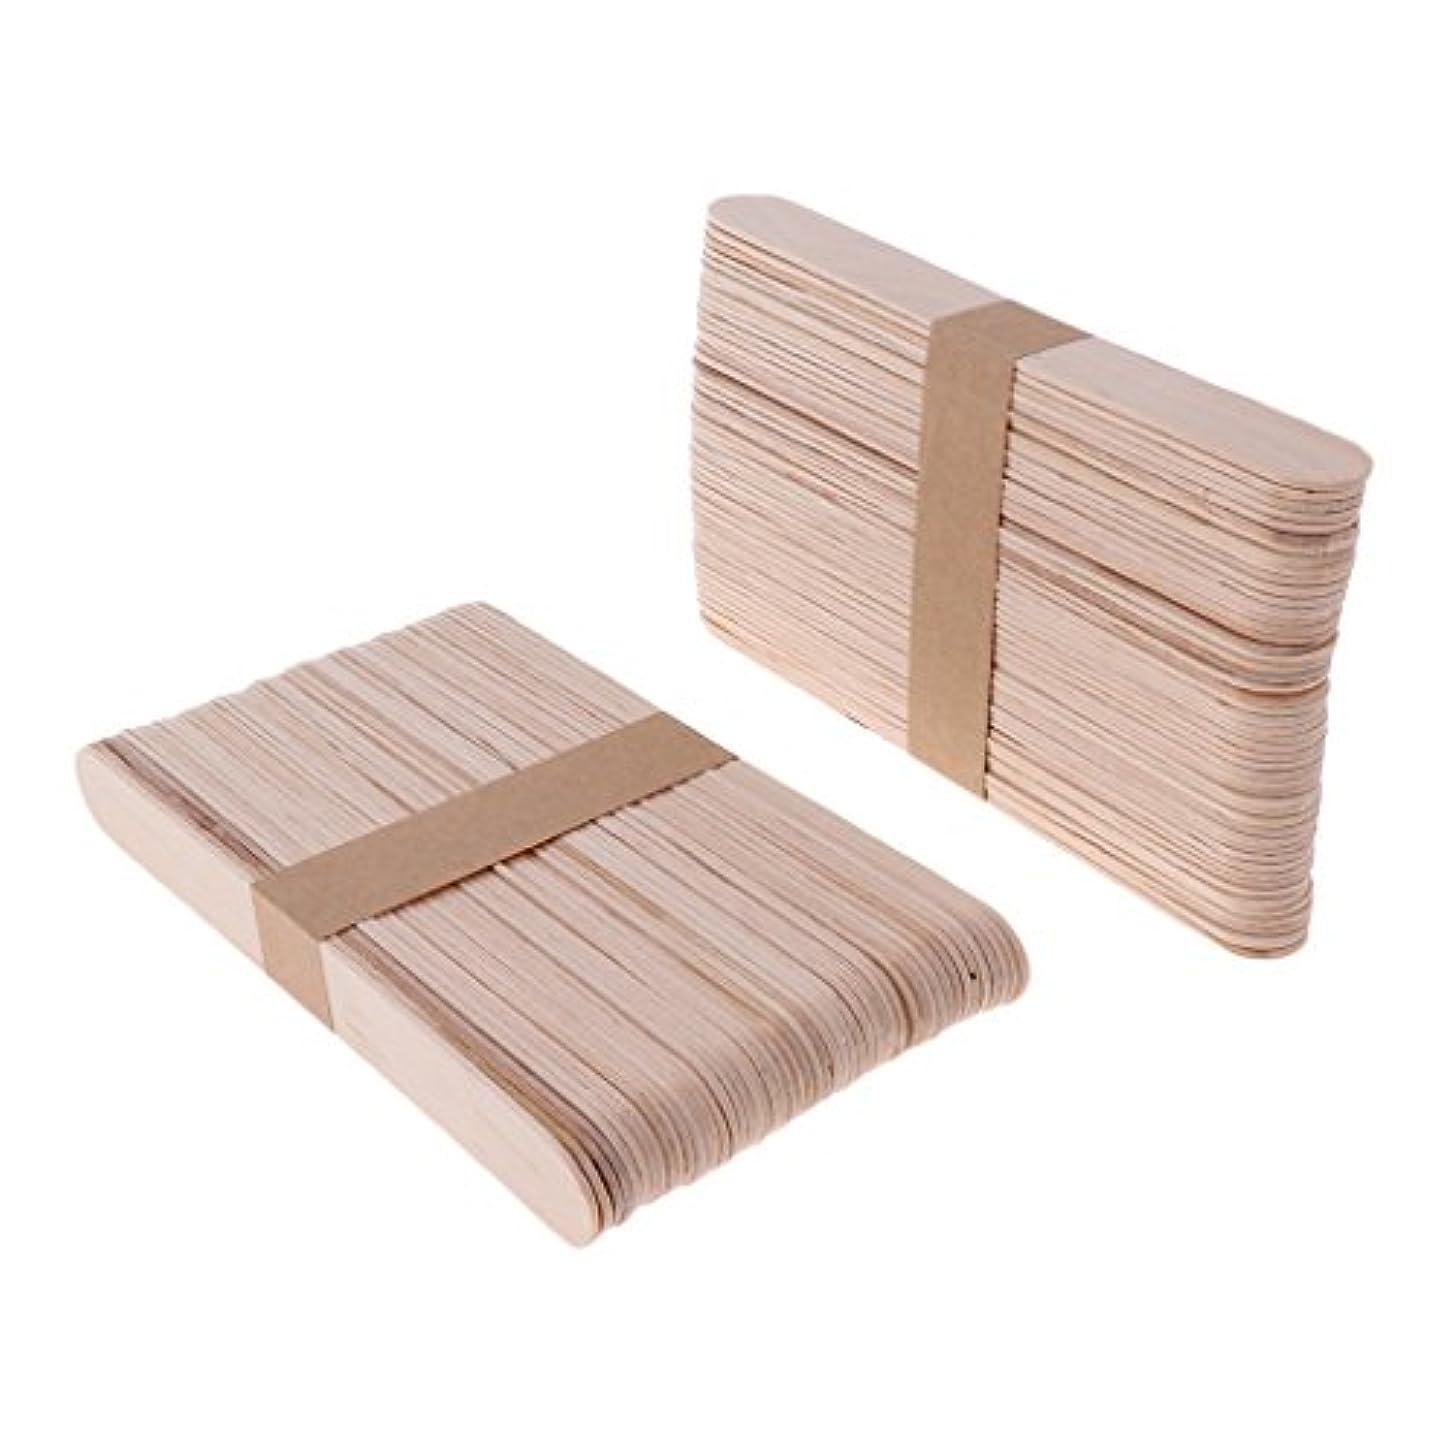 重なるむき出し発疹木材スティック 脱毛 ワックス用 体毛除去 ウッド ワックススパチュラ 便利 200個 2サイズ - L